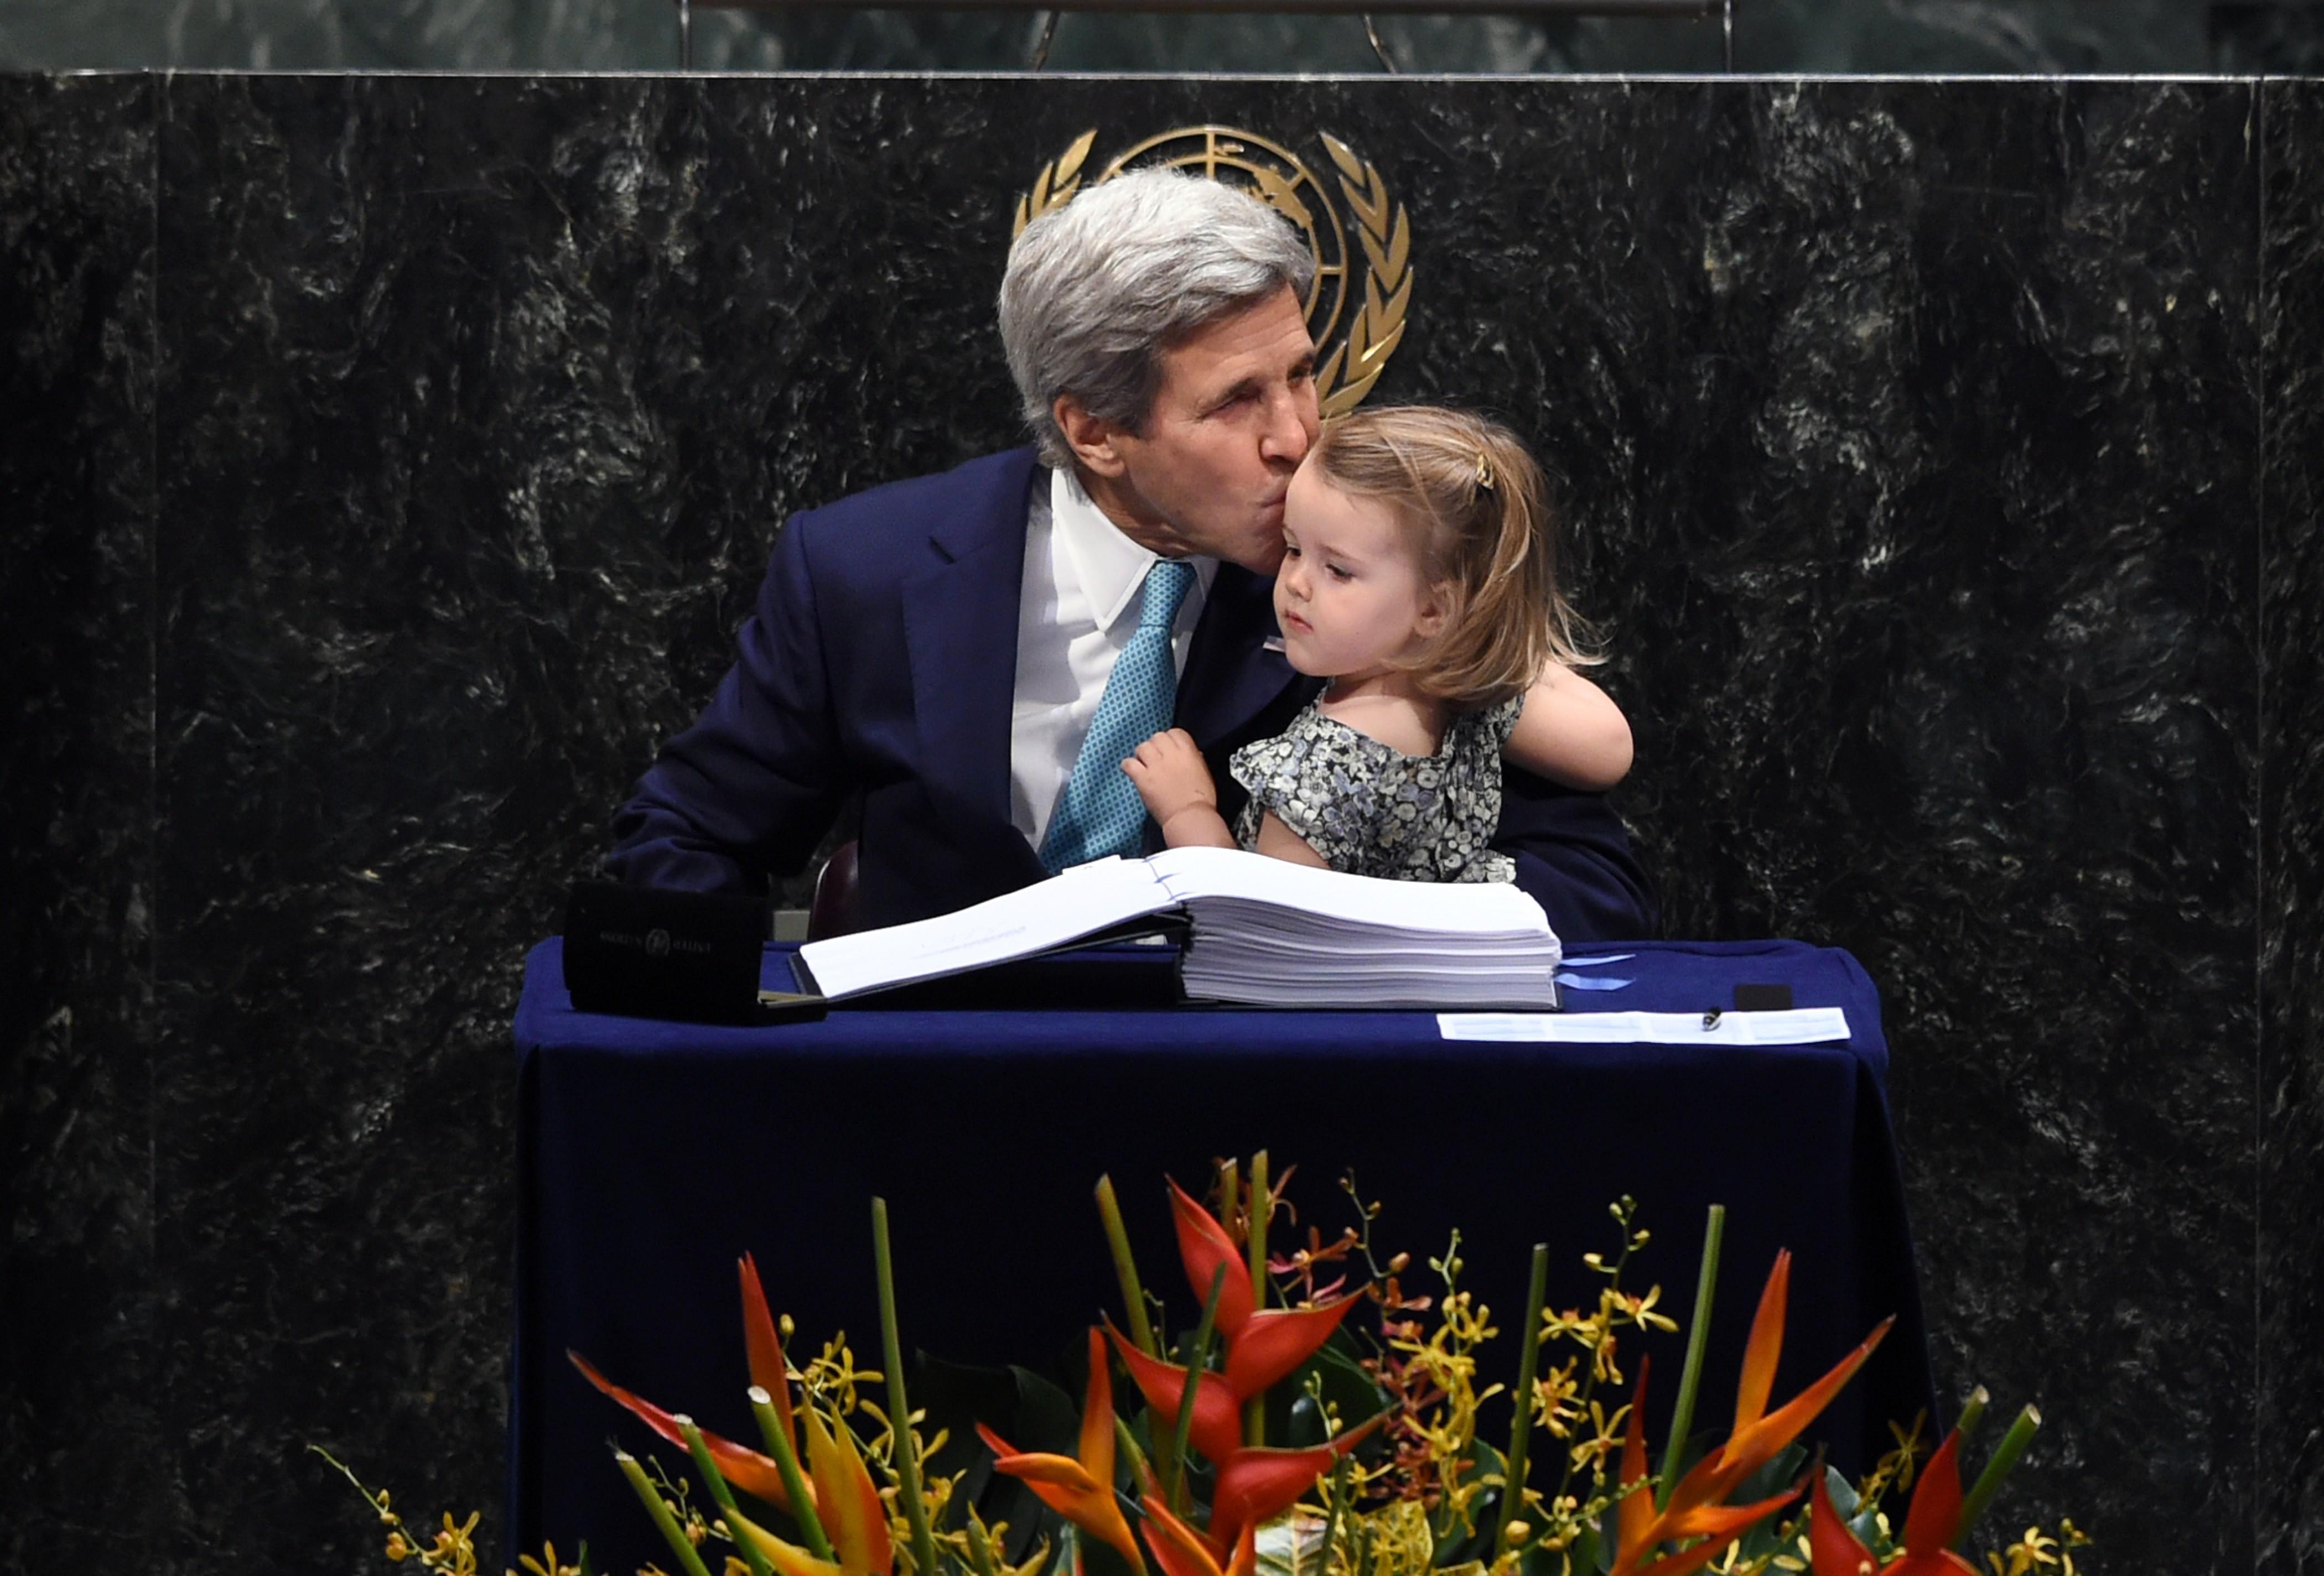 O secretário de Estado americano  John Kerry levou a neta para assinar (Foto: Jewel Samad/AFP)